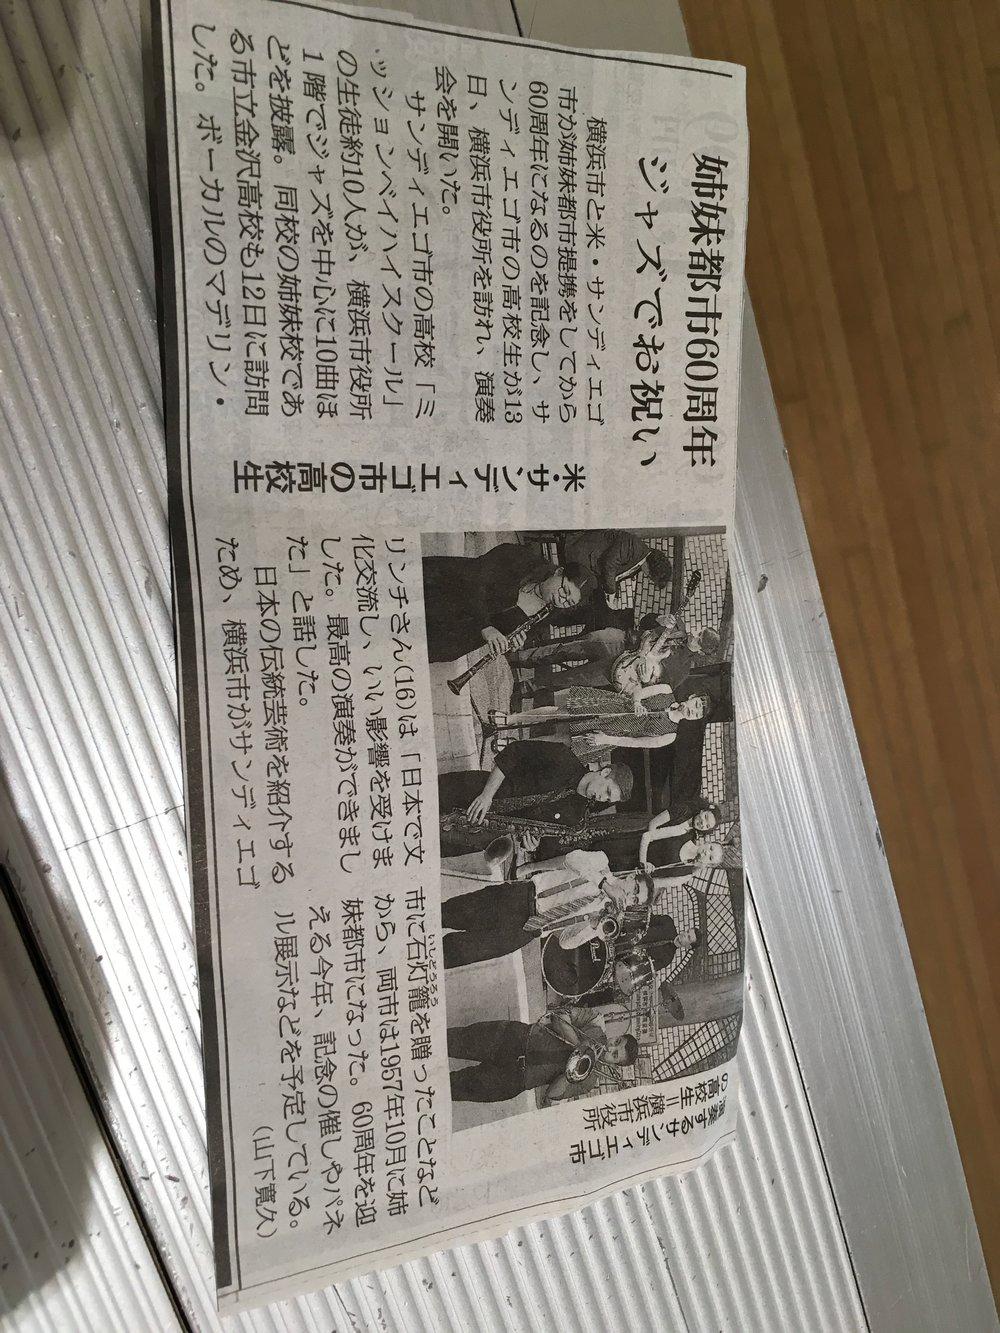 We made the Yokohama news!